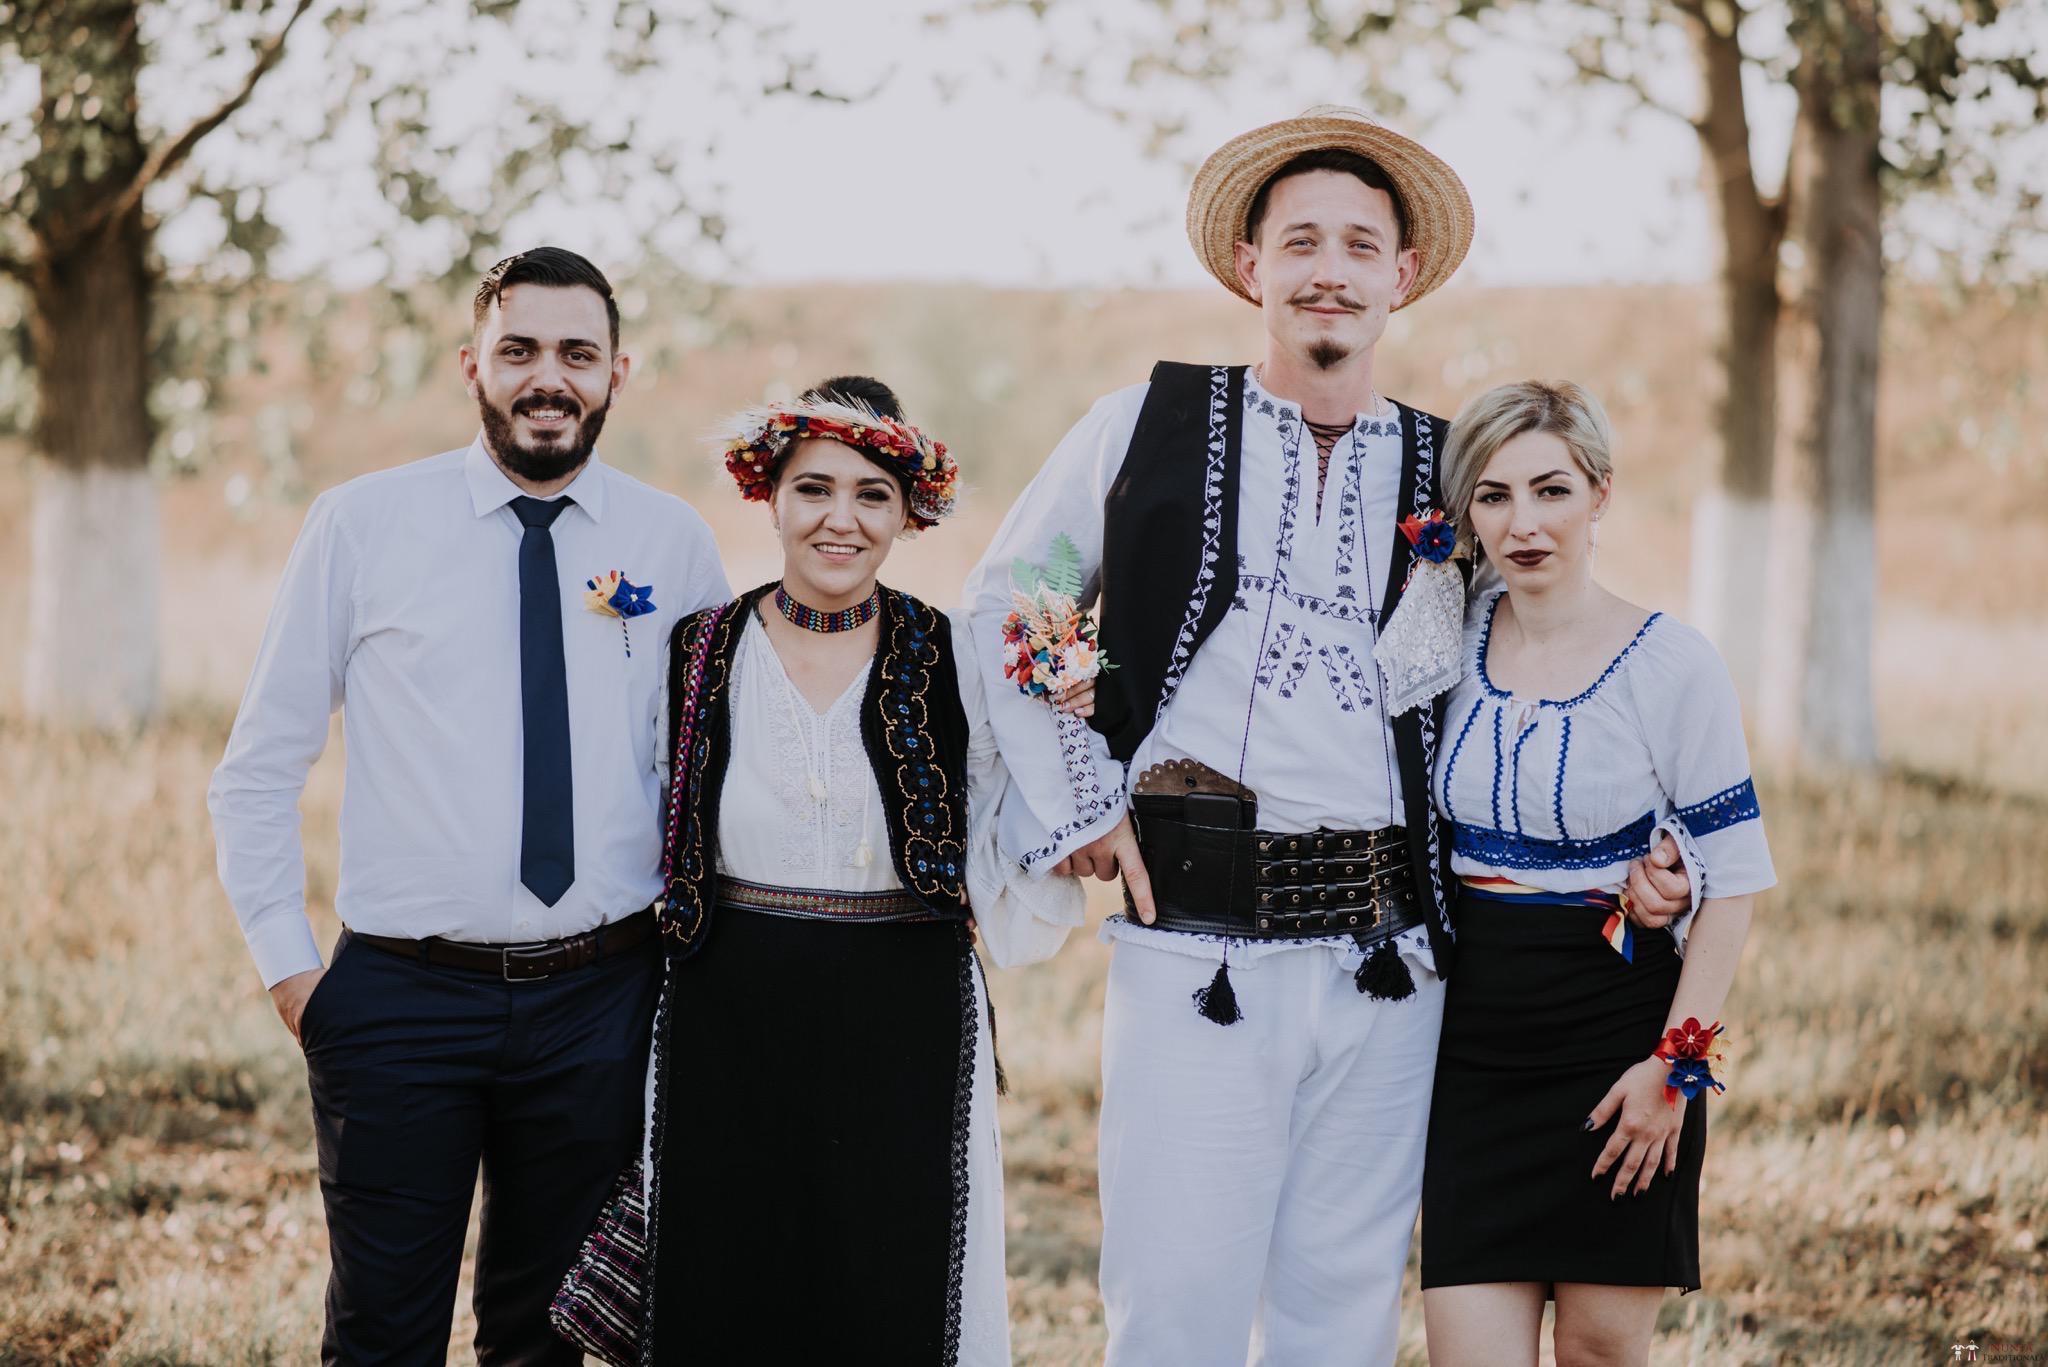 Povești Nunți Tradiționale - Silvia și Adrian. Nuntă tradițională în Ghighișeni, Bihor 91